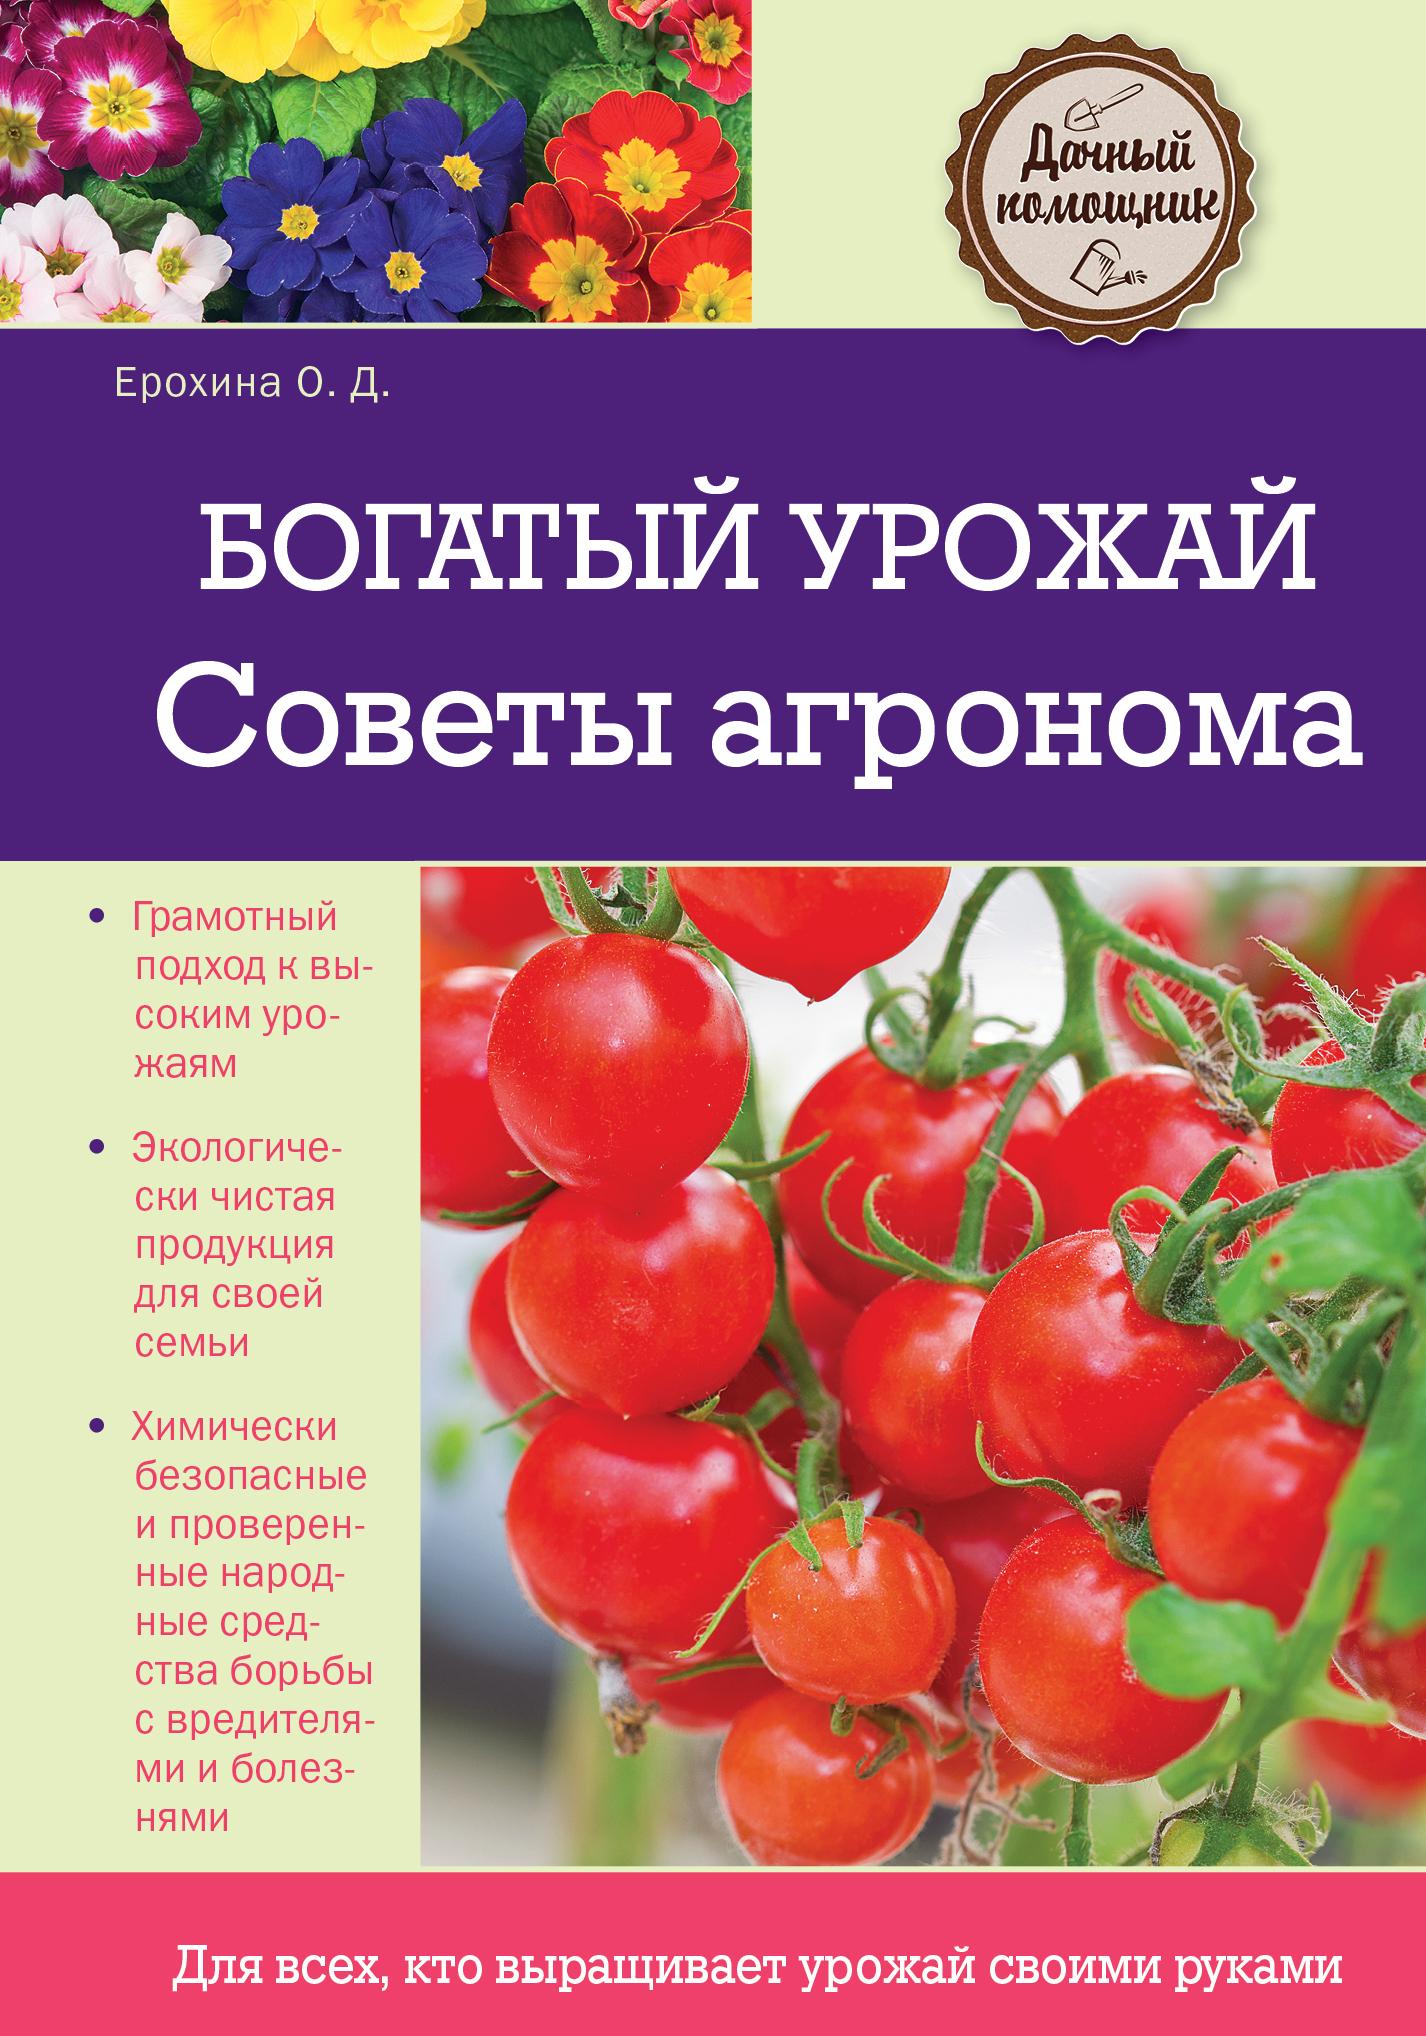 Ерохина О.Д. Богатый урожай. Советы агронома